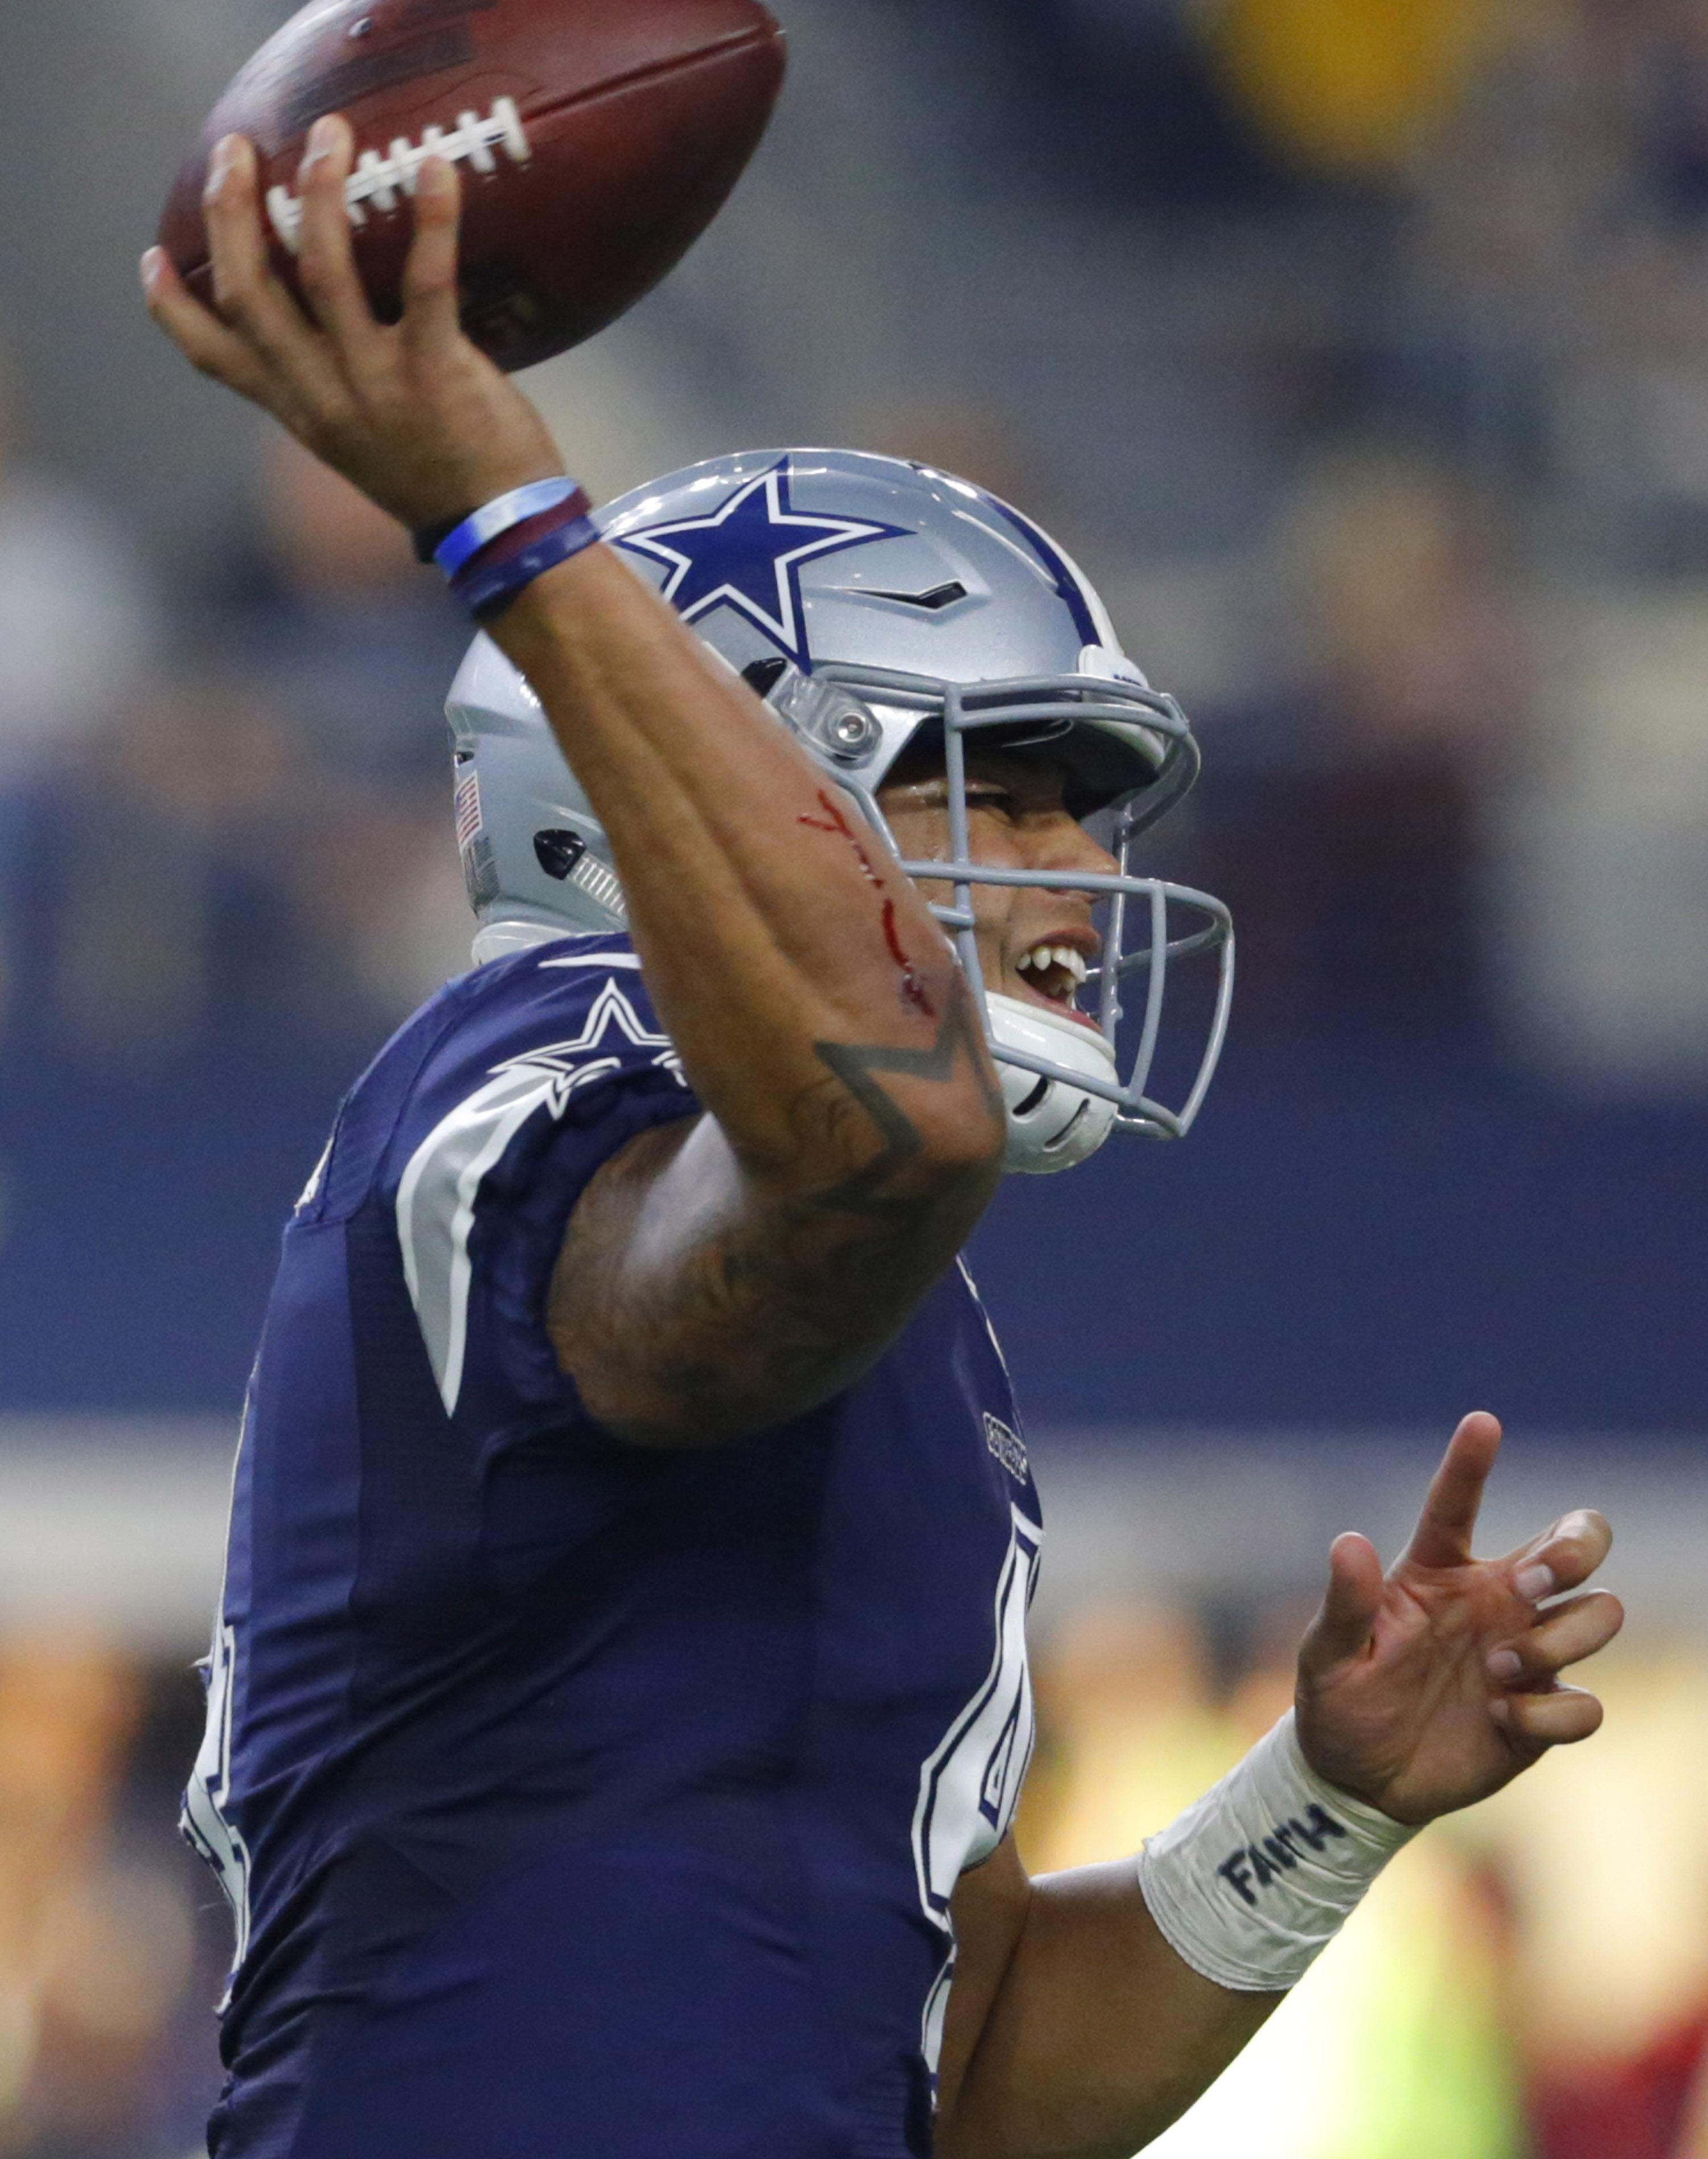 NFL Football - Dallas Cowboys vs Washington Redskins